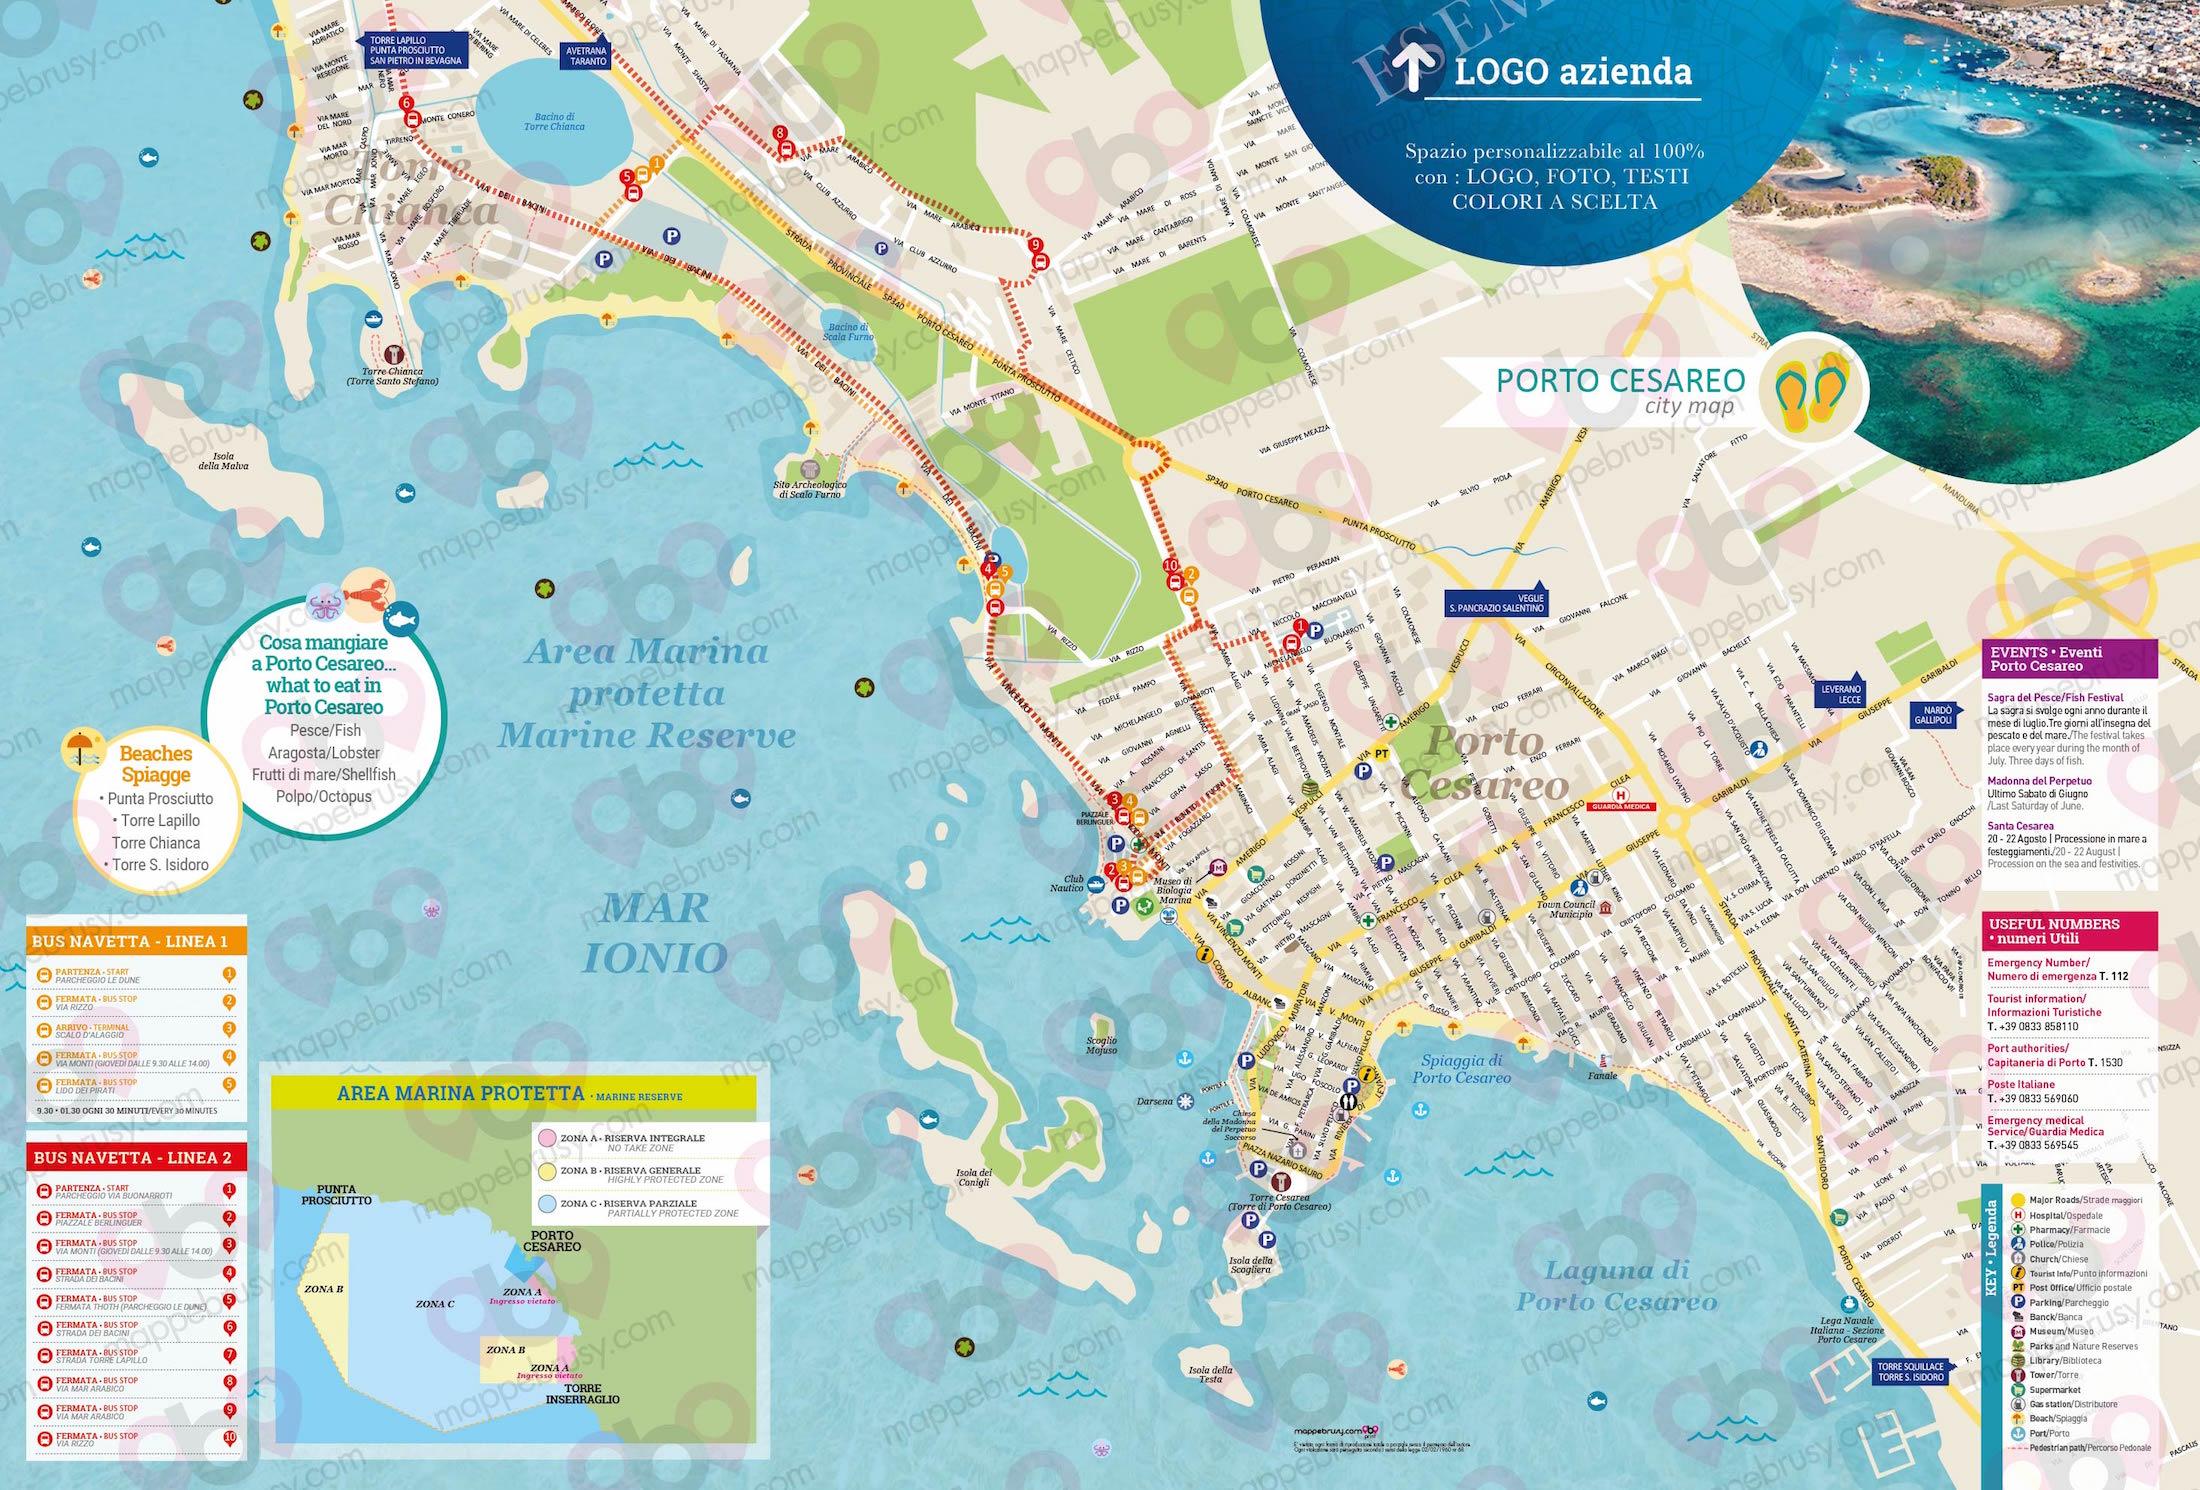 Porto Cesareo Puglia Cartina.Porto Cesareo Le Mappe Brusy